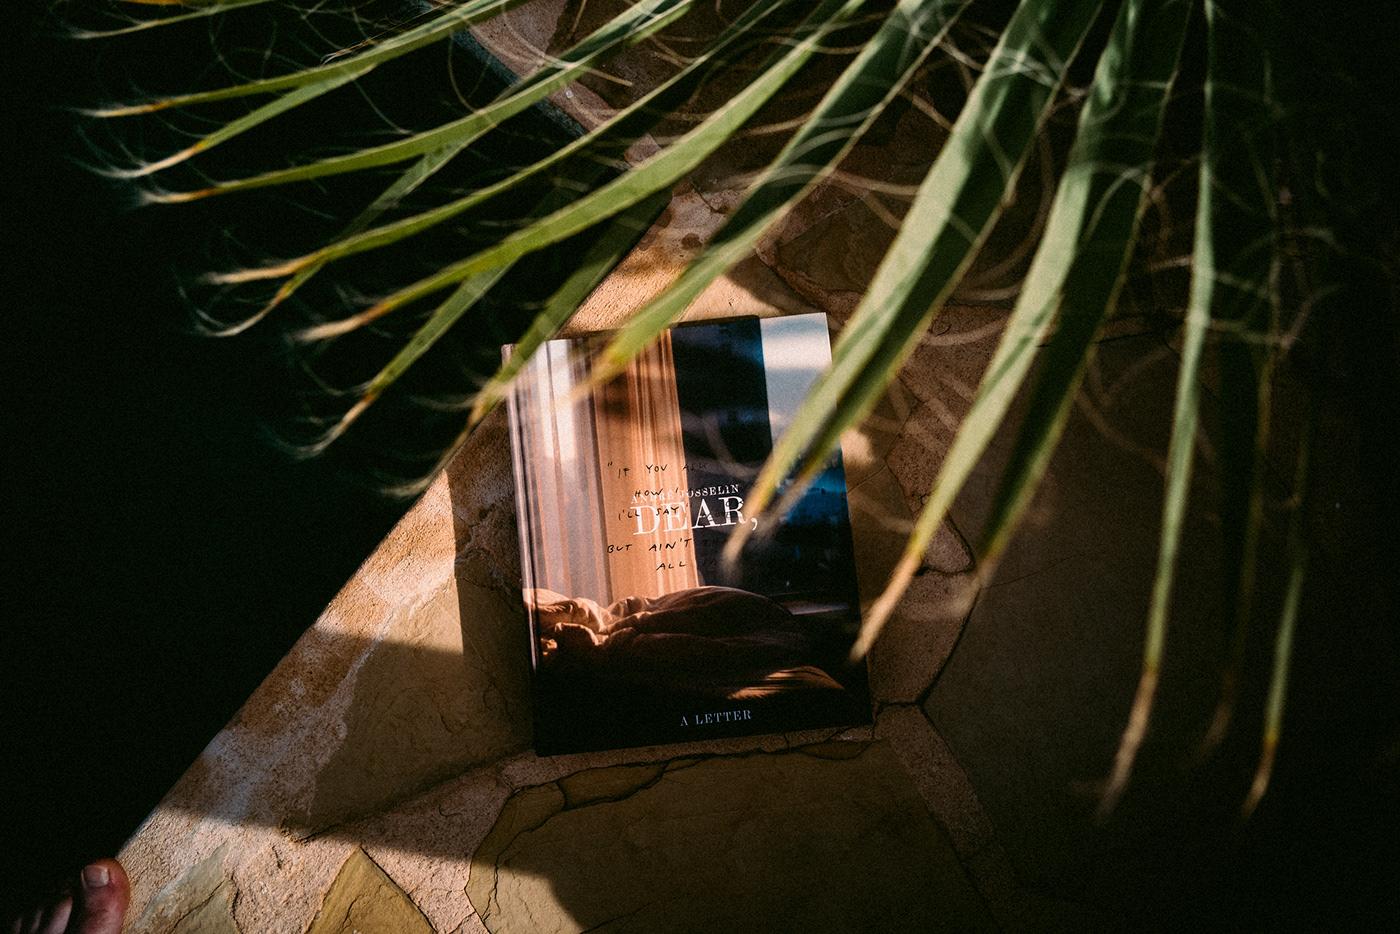 dear andre josselin book photobook art artbook concept mood Leica